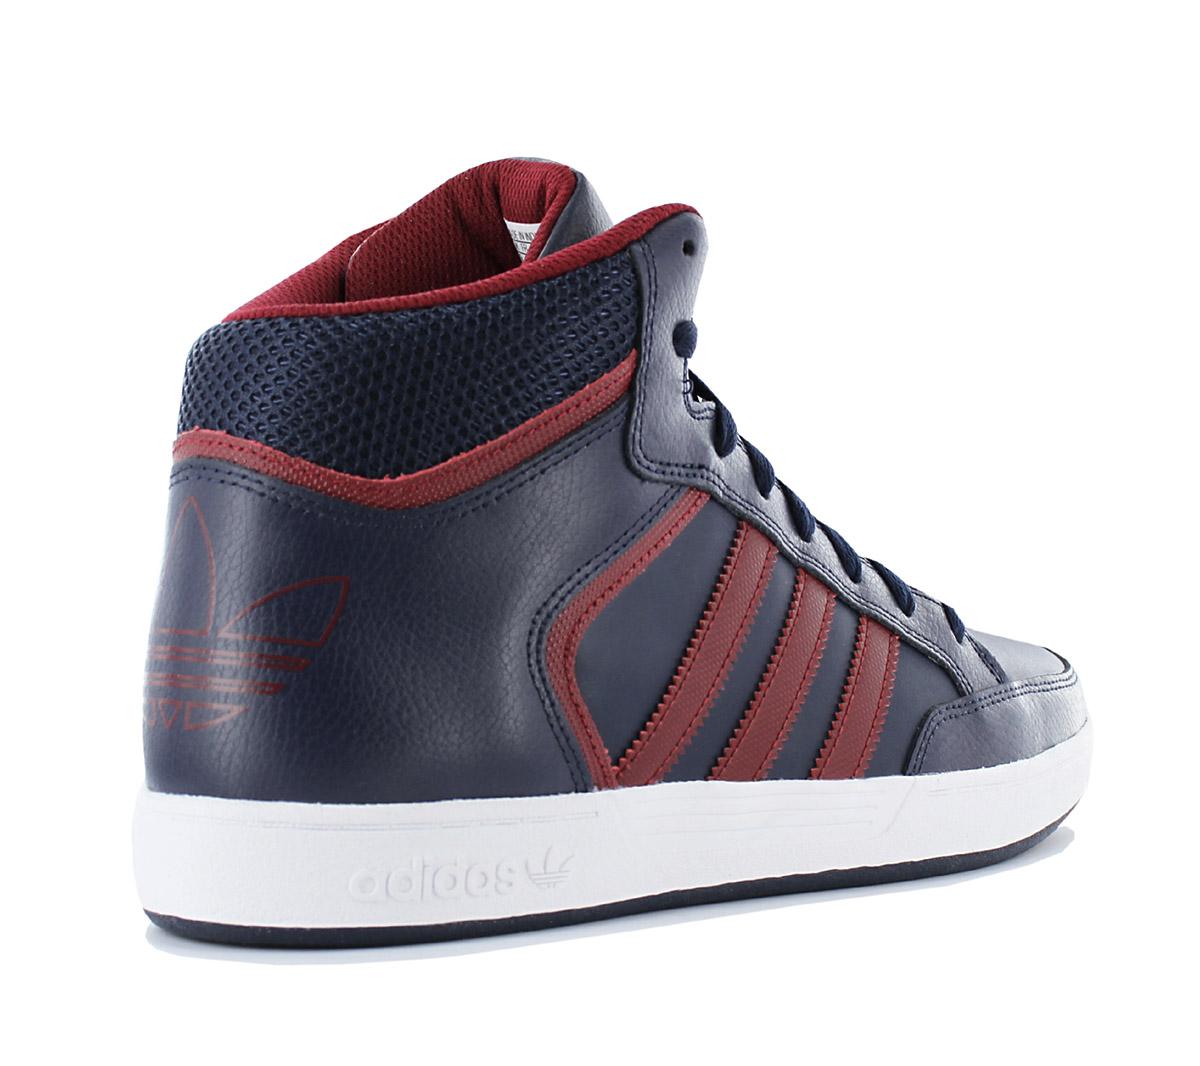 adidas varial metà uomini scarpe di pelle blu soes pattinare le scarpe